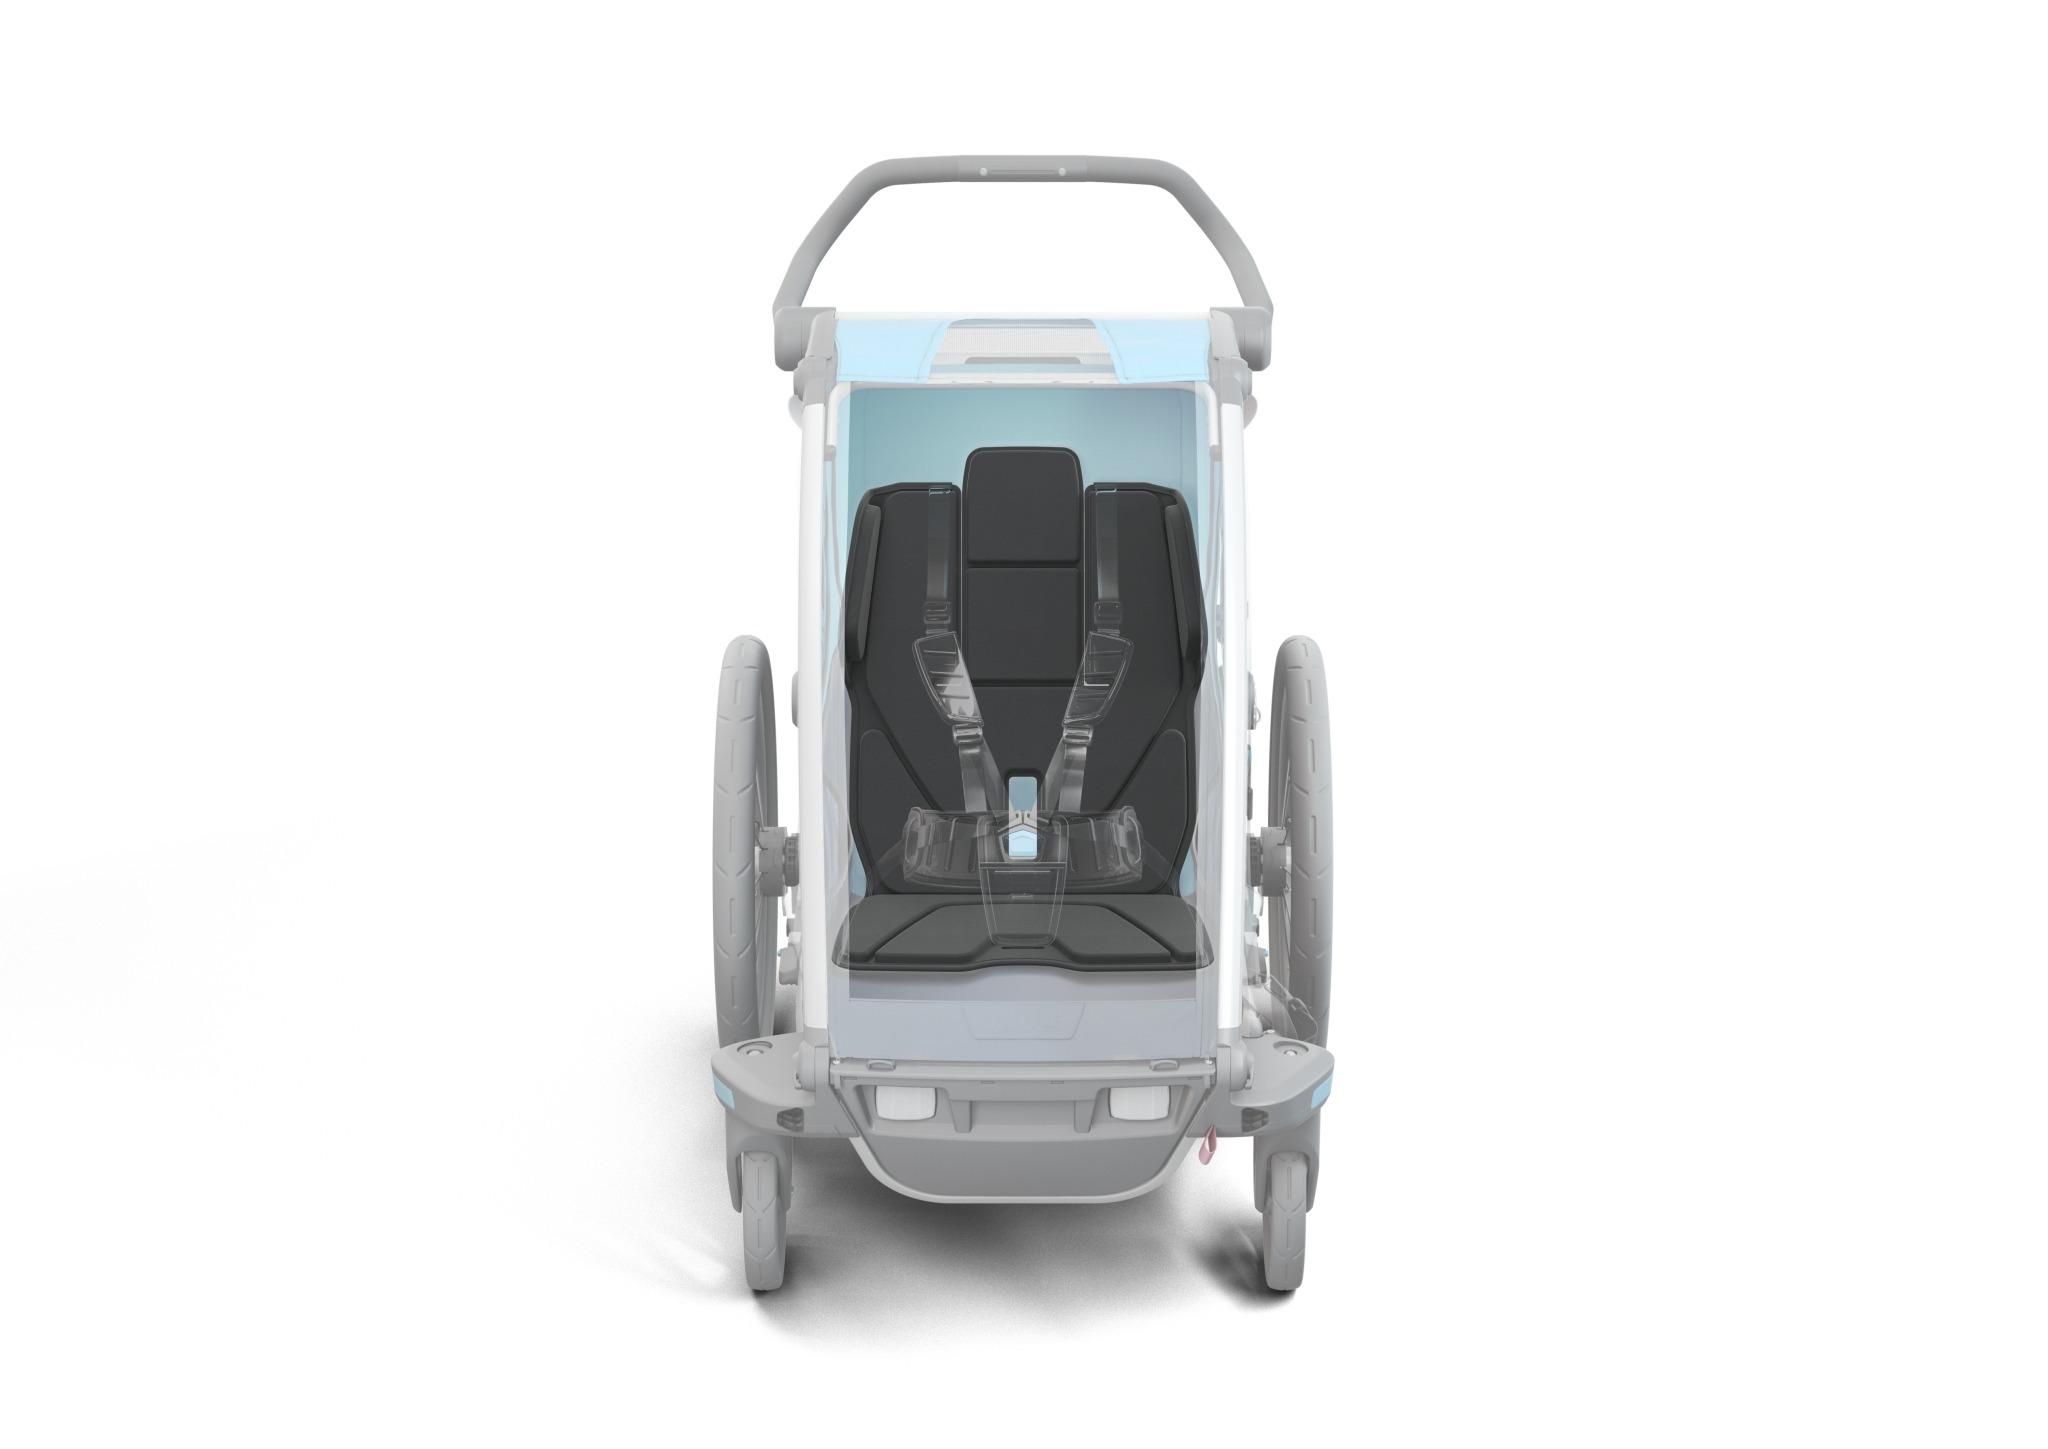 THULE Chariot - Wkładka na siedzisko, pojedyncza